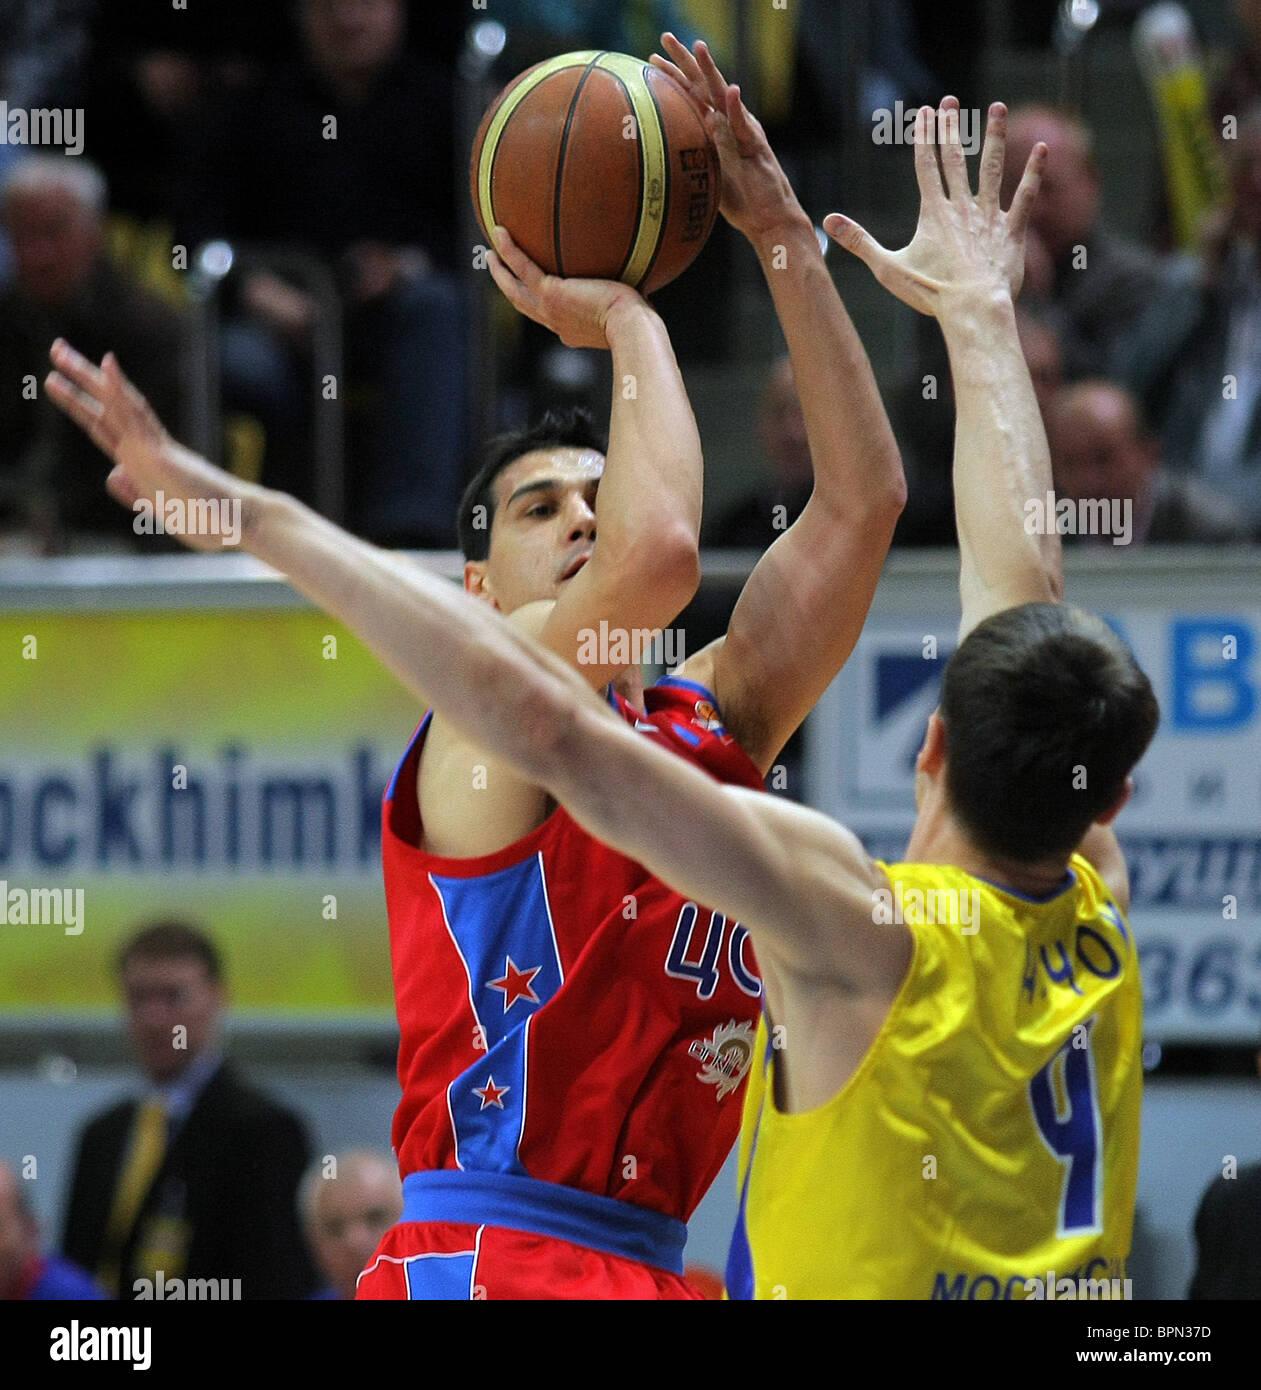 Final del campeonato de baloncesto ruso : CSKA Moscú 78-45 Khimki Región de Moscú. Imagen De Stock